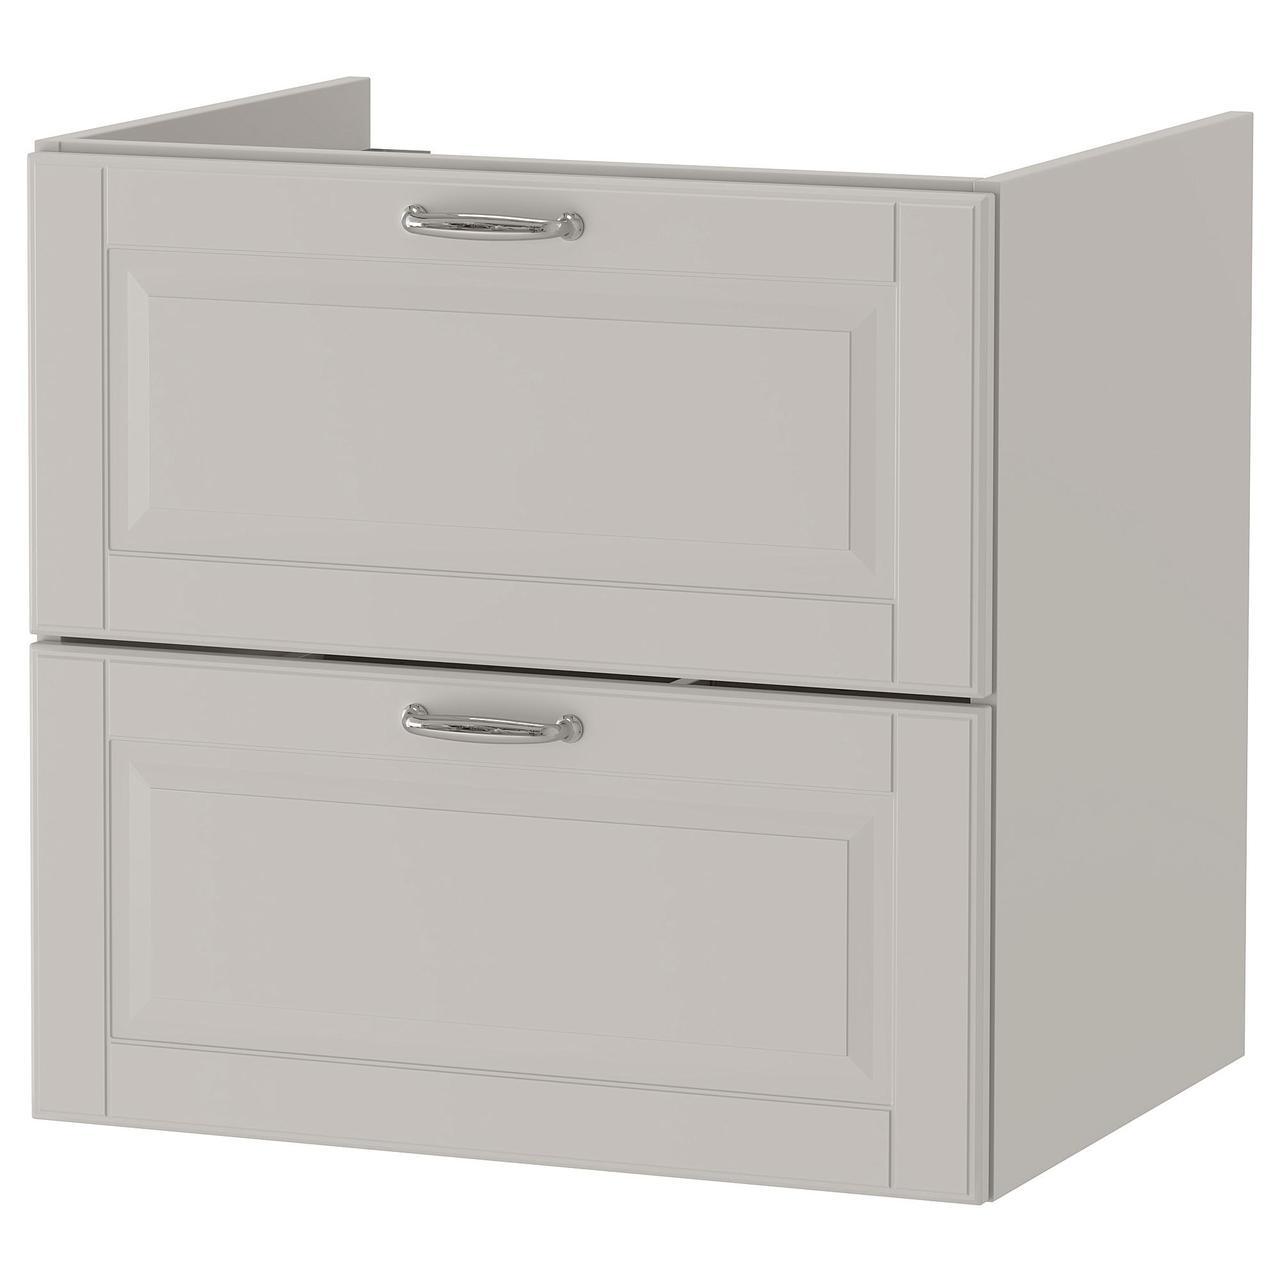 Шкаф для раковины с 2 ящиками IKEA GODMORGON Кашён светло-серый 60x47x58 см 103.876.28